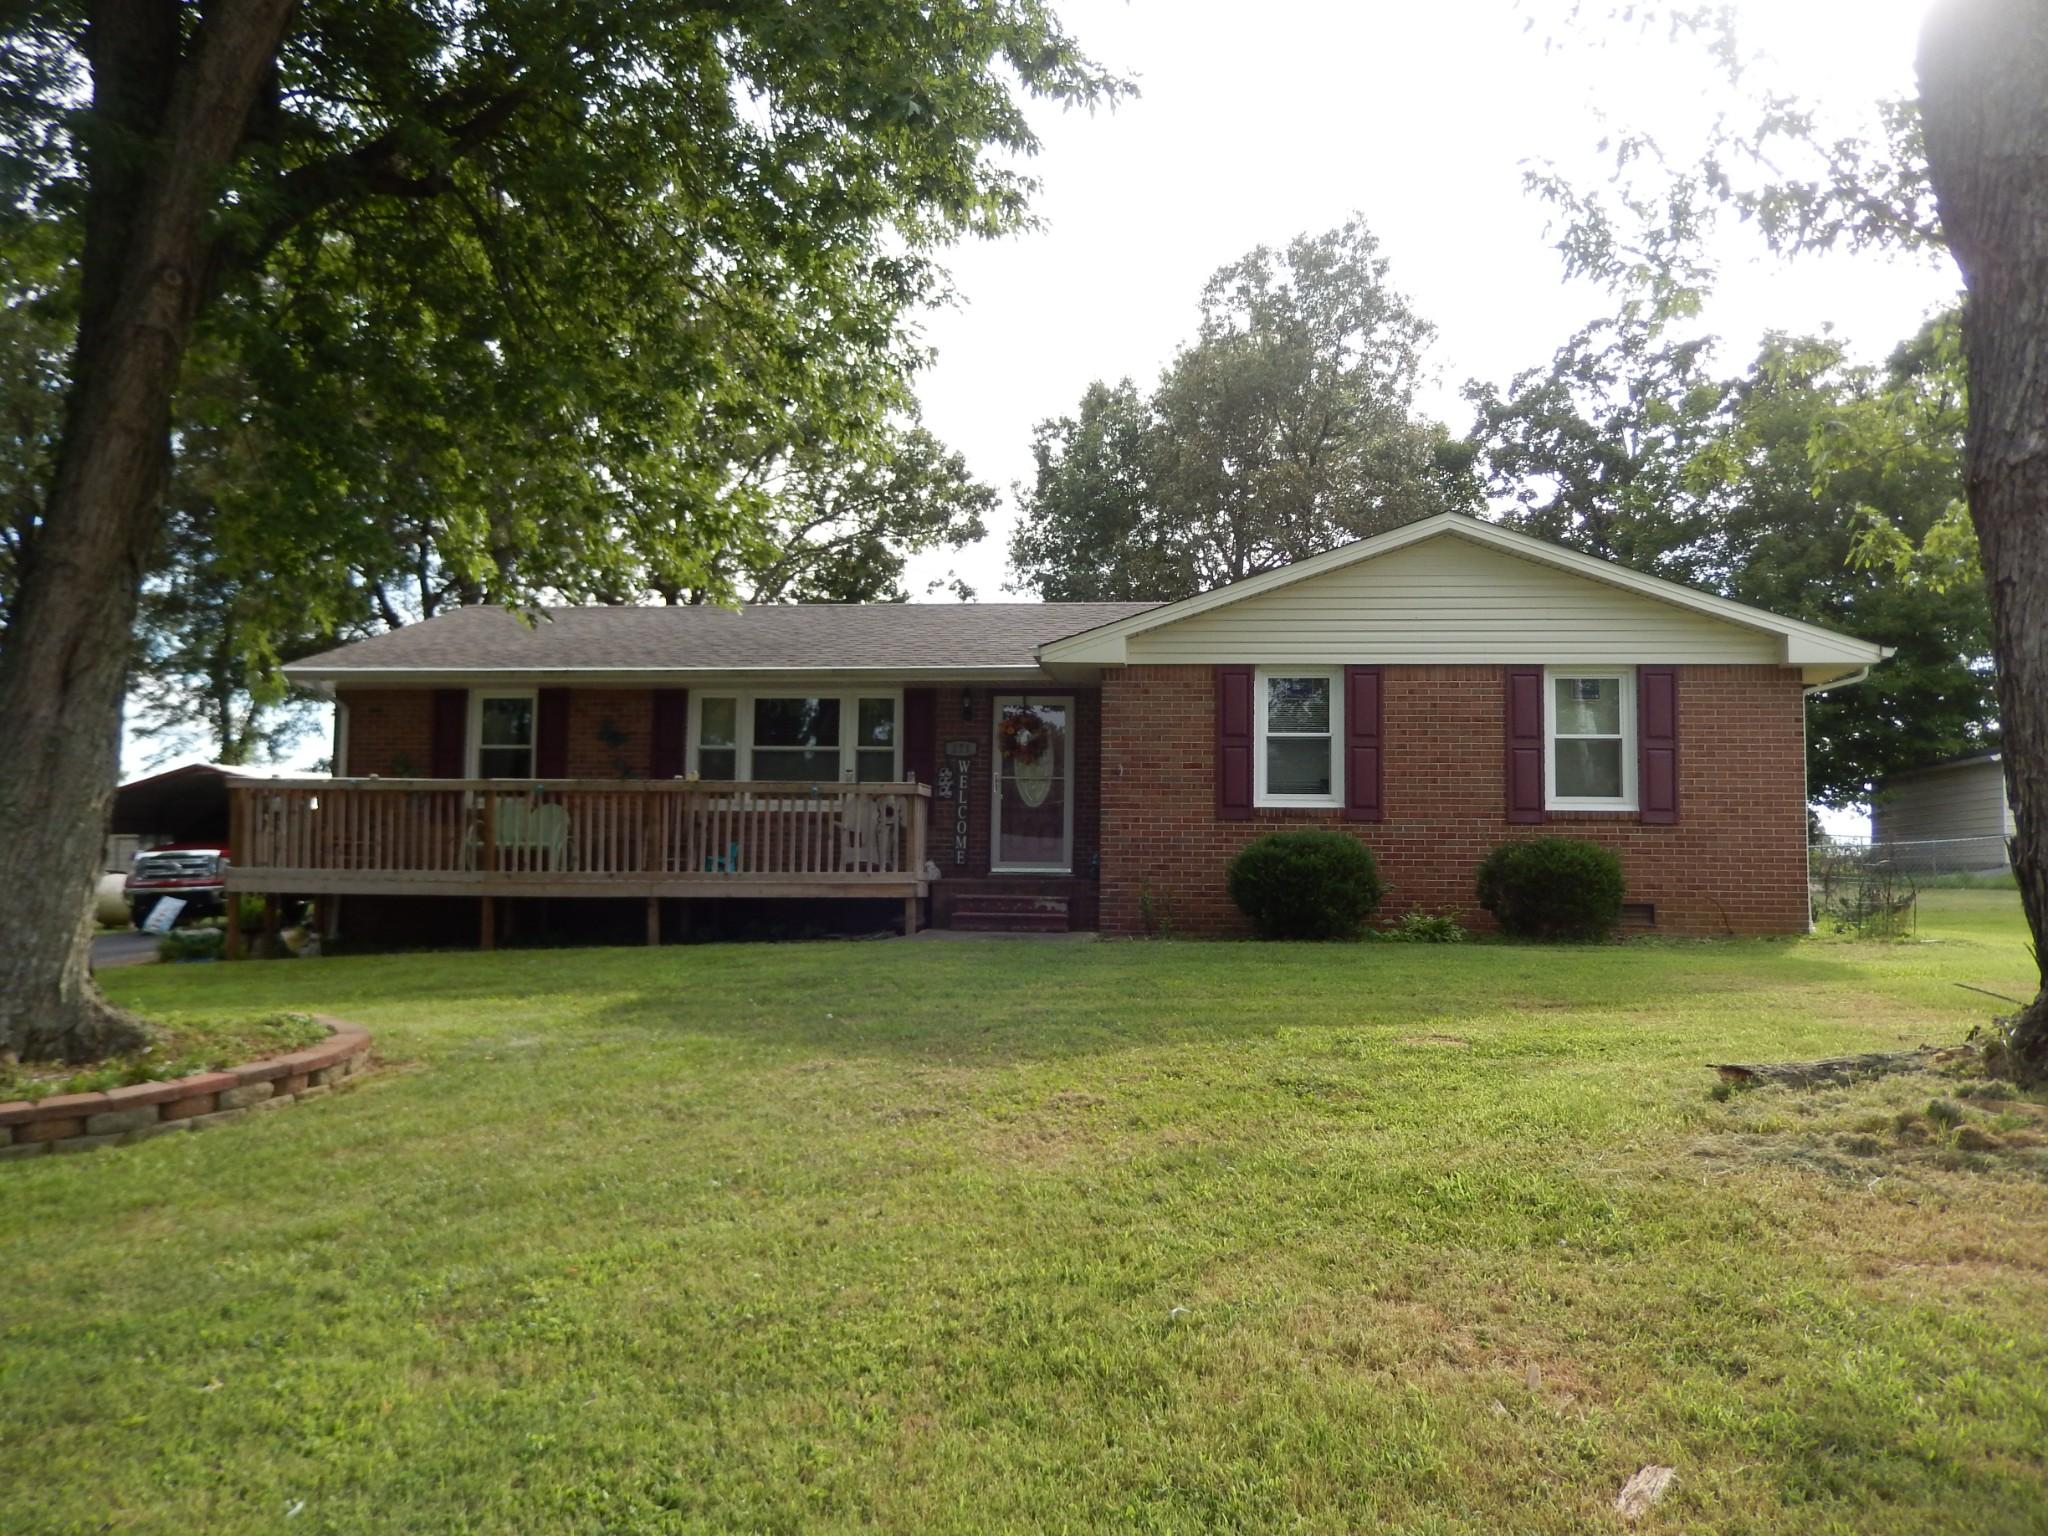 271 Clarksdale Dr Property Photo - Cadiz, KY real estate listing